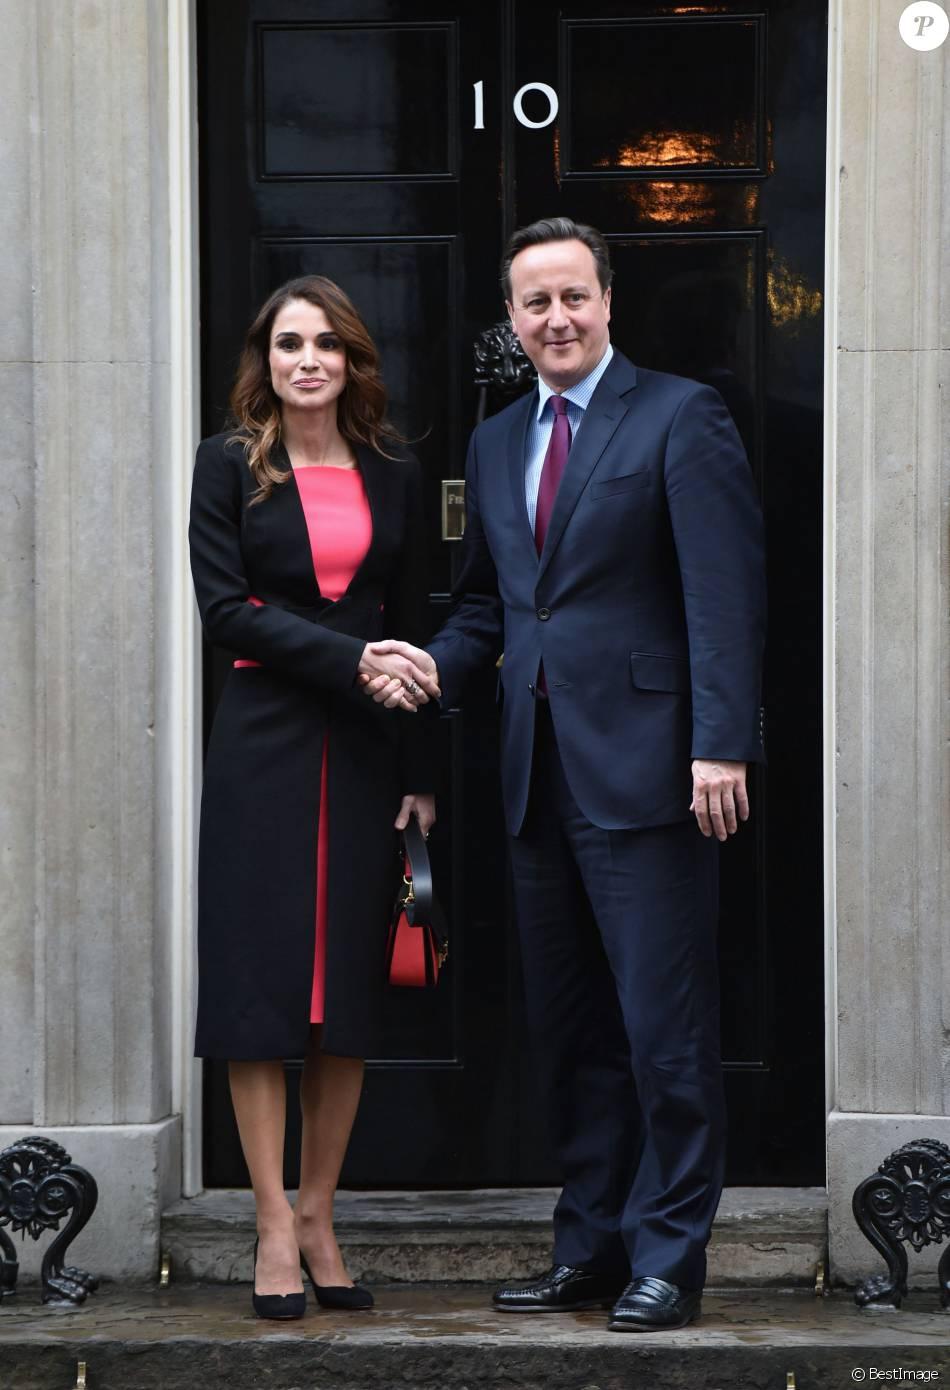 La reine Rania de Jordanie, reçue le 8 janvier 2016 au 10 Downing Street par le Premier ministre britannique David Cameron, a pu évoquer avec lui la crise syrienne. L'épouse du roi Abdullah II entamait un tour d'Europe pour trouver des soutiens pour la Jordanie et des solutions face au nombre des réfugiés syriens.